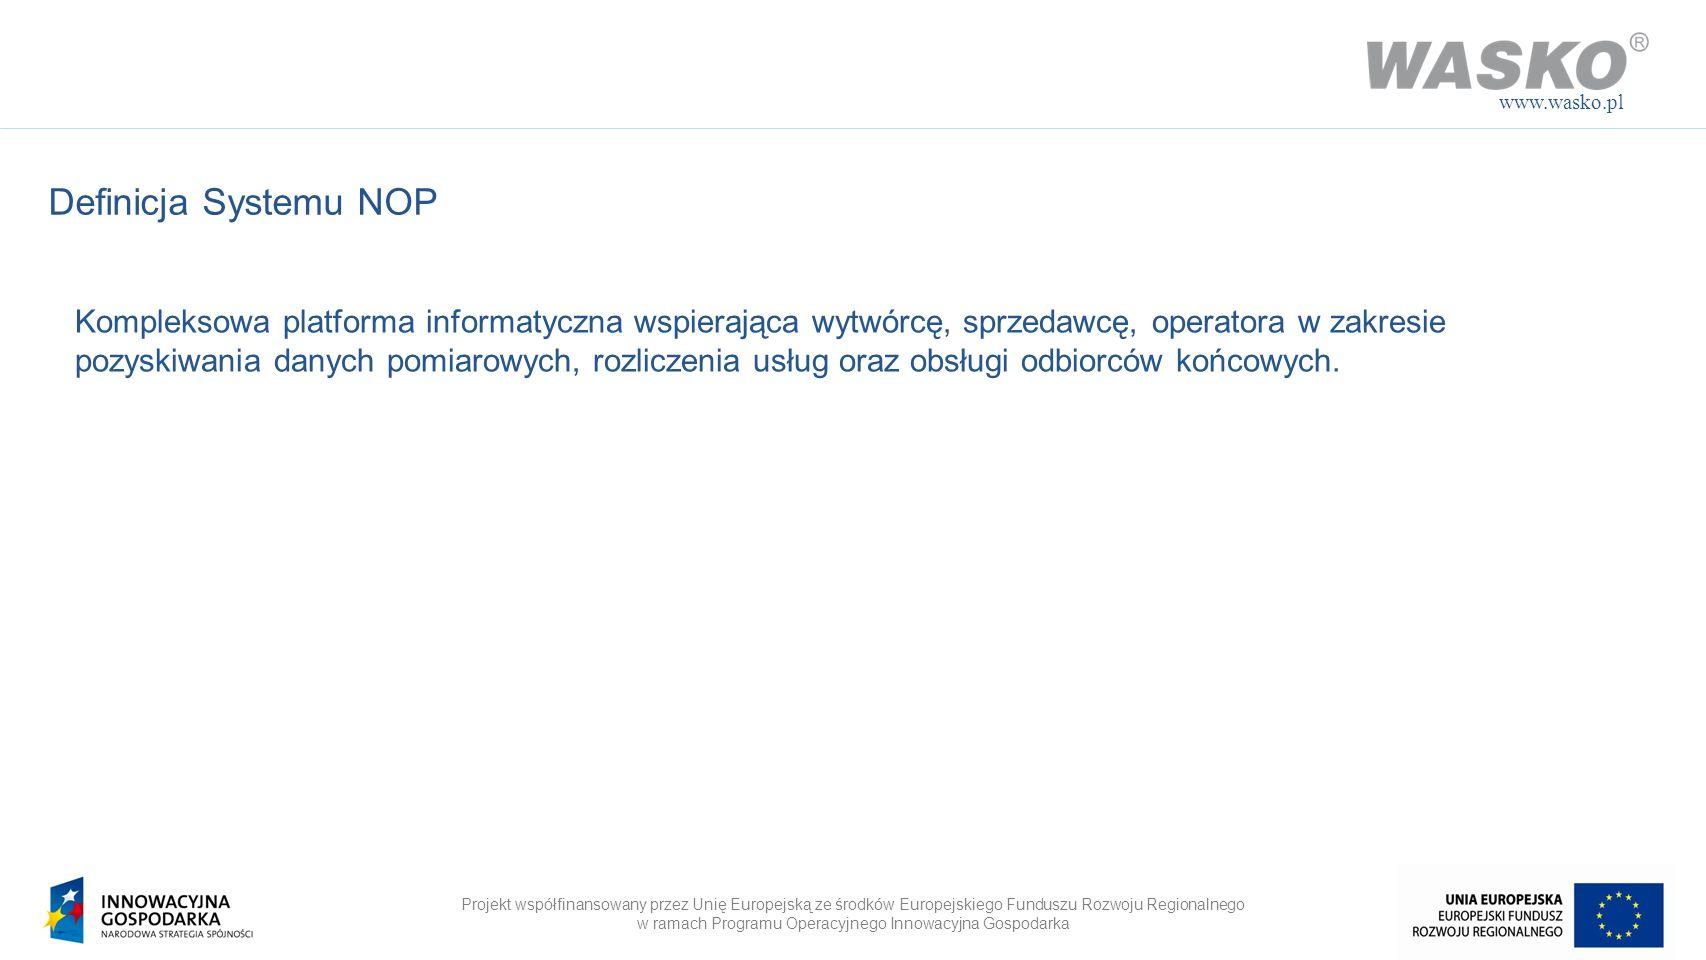 Projekt współfinansowany przez Unię Europejską ze środków Europejskiego Funduszu Rozwoju Regionalnego w ramach Programu Operacyjnego Innowacyjna Gospodarka www.wasko.pl Moduły funkcjonalne systemu Portal klienta/partneraInni operatorzy Moduł komunikacyjny Moduł integracyjny – szyna danych CRM/PRM Ewidencja klientów/ partnerów Workflow/ Zadania System billingowy TaryfikacjaWindykacja FakturowanieSalda i wypłaty System Zarządzania SieciąSystem Zarządzania Urządzeniami Pomiarowymi System Zarządzania Pomiarami Odbiorców BI/ Sprawozdawczość Platforma NOP Repozytorium Danych Ewidencyjnych Ewidencyjne dane biznesowe Ewidencyjne dane techniczne Repozytorium Danych Odczytowych Dane pomiaroweAgregacja pomiarów